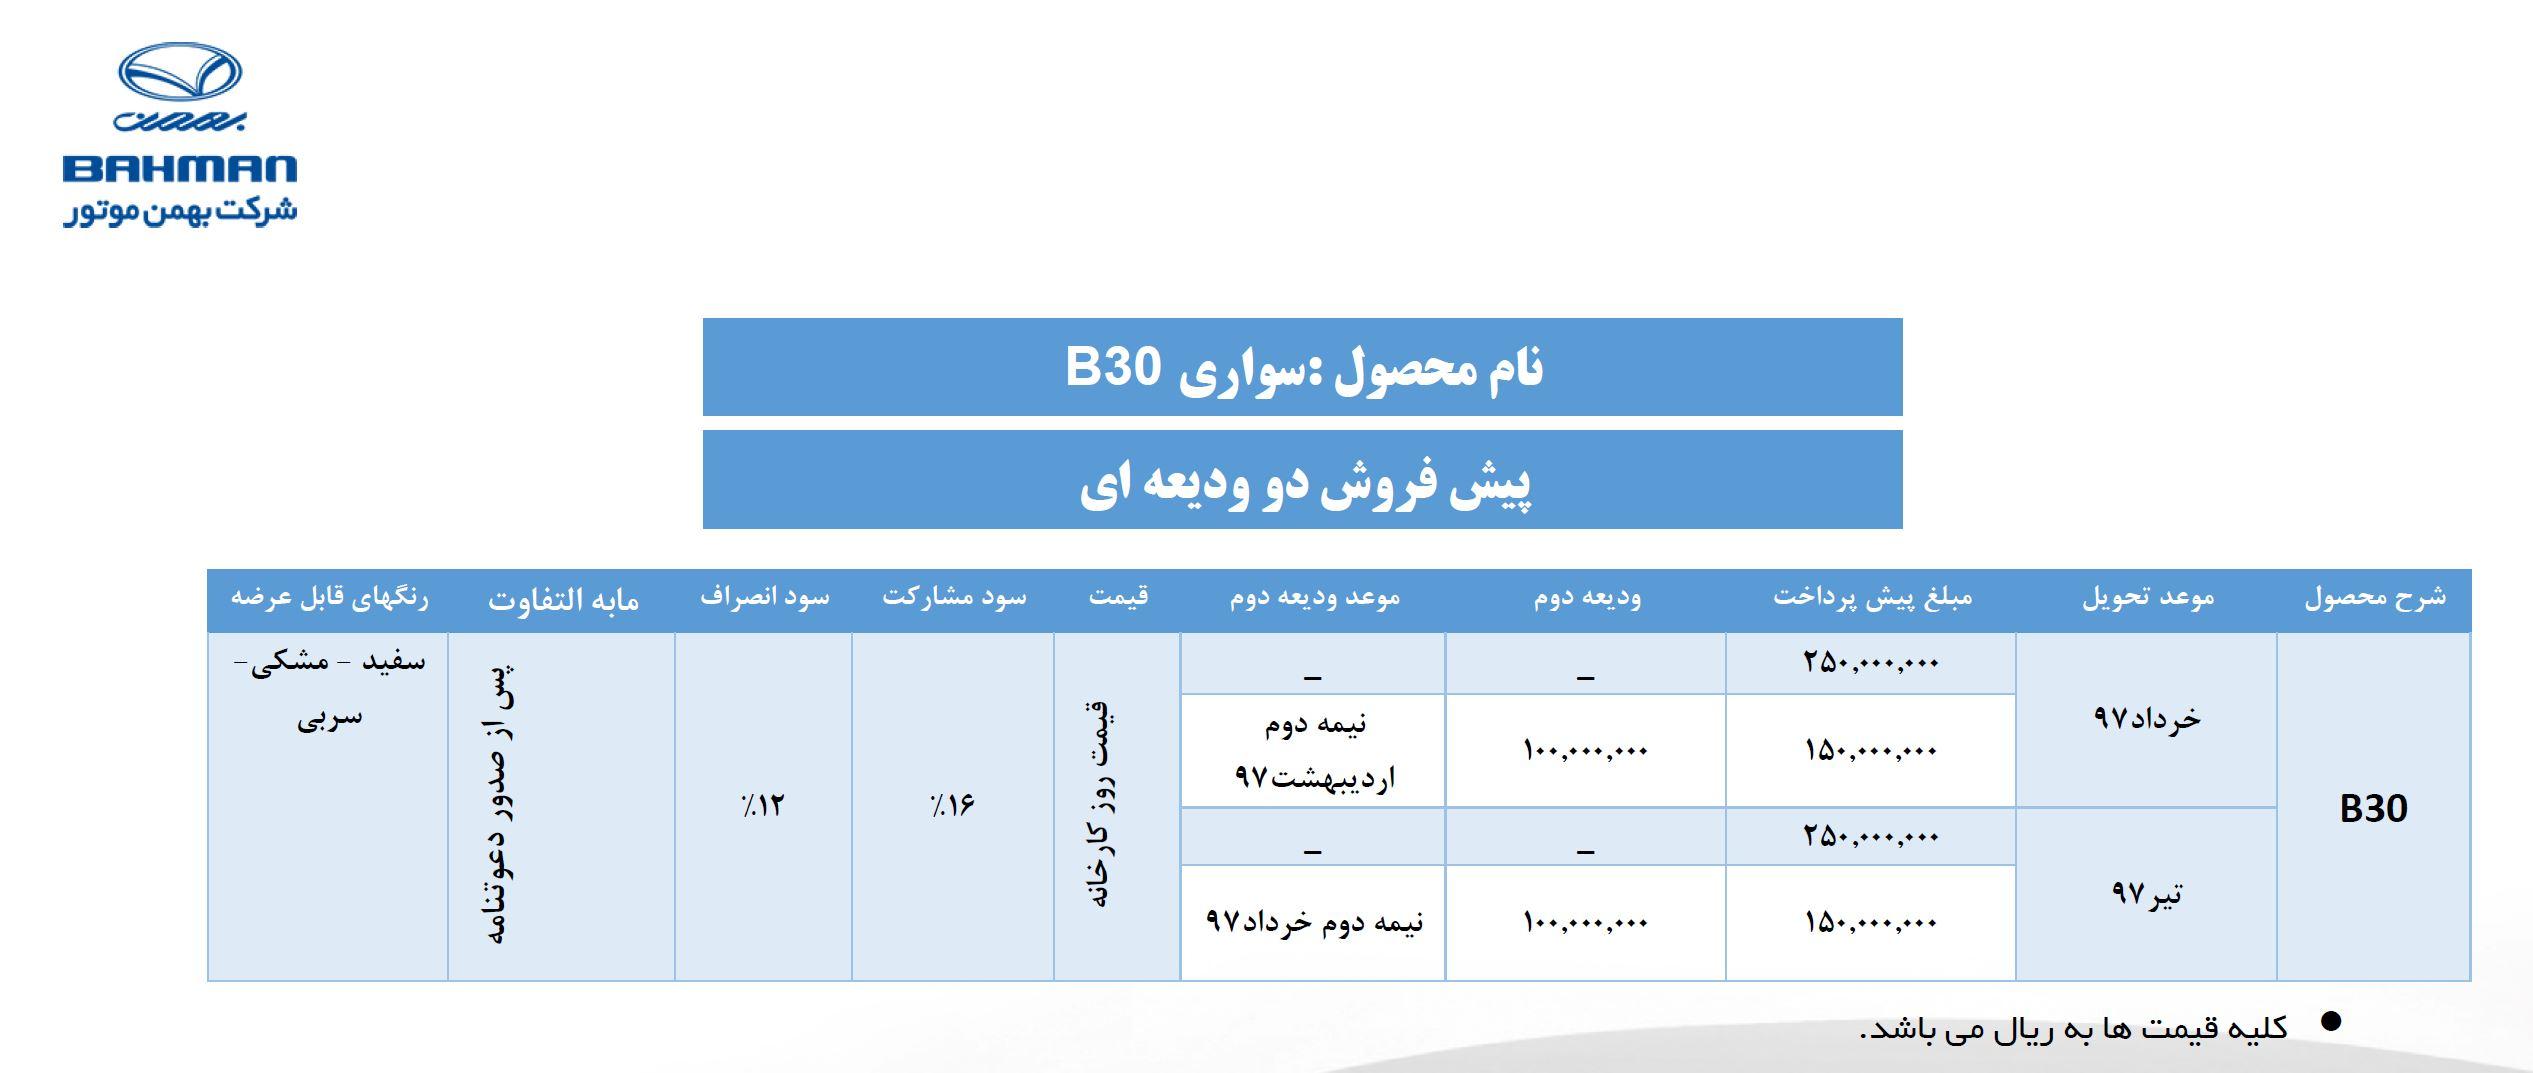 پیش فروش فاو بسترن B30 با افزایش قیمت